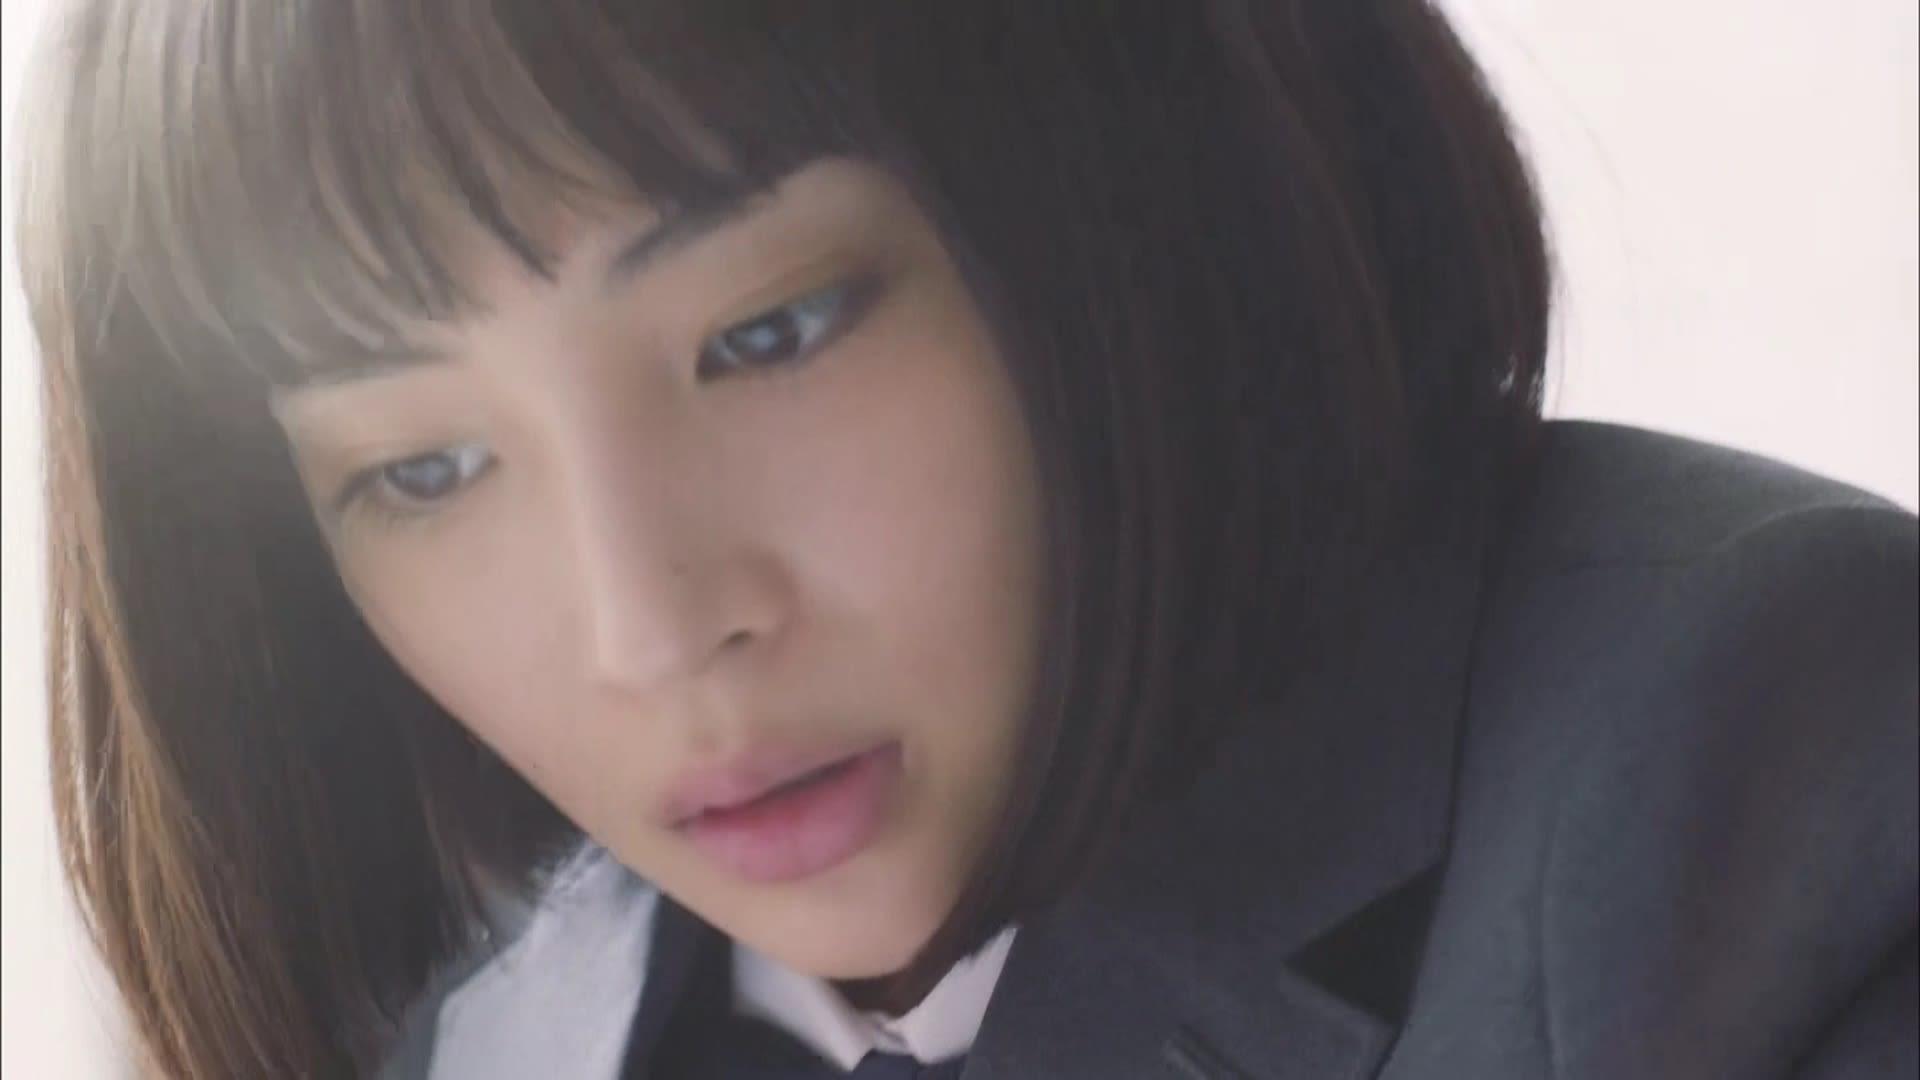 広瀬すずちゃん レオパレスのcm 子役アイドルlovely